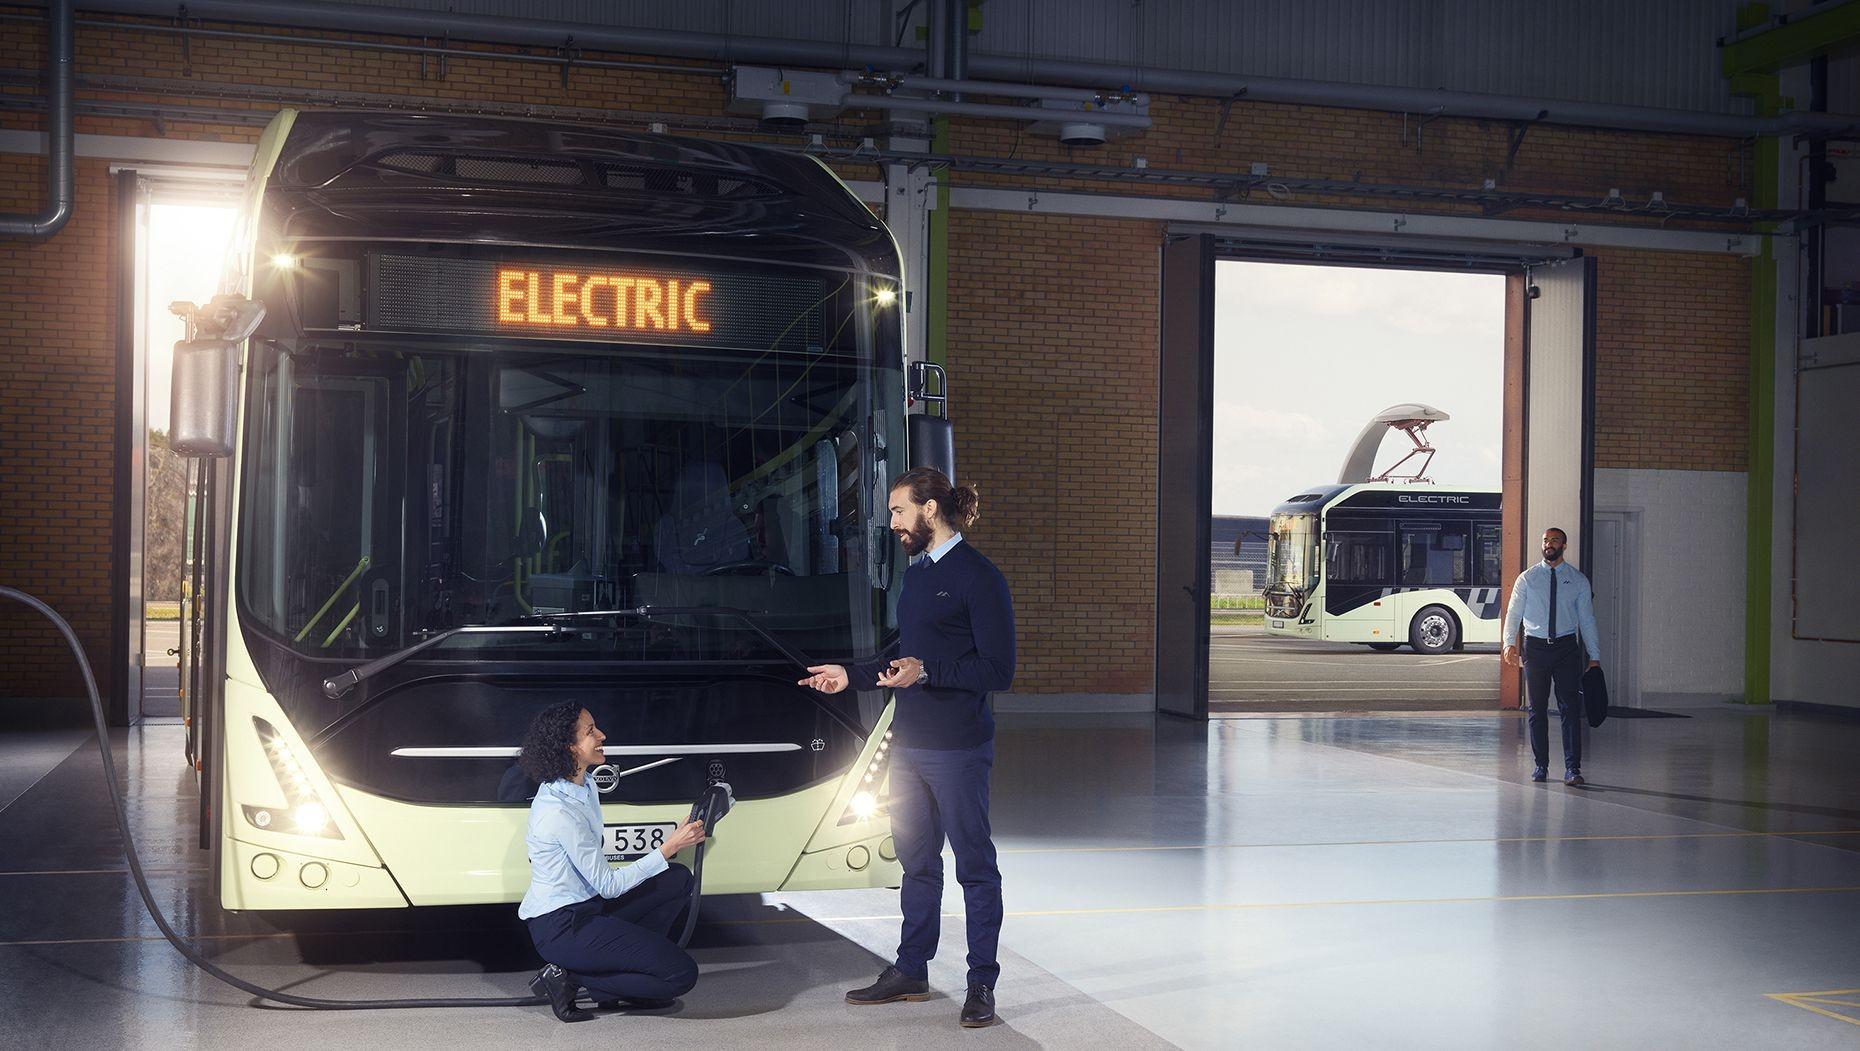 Вольво представила электробус Вольво 7900 Electric